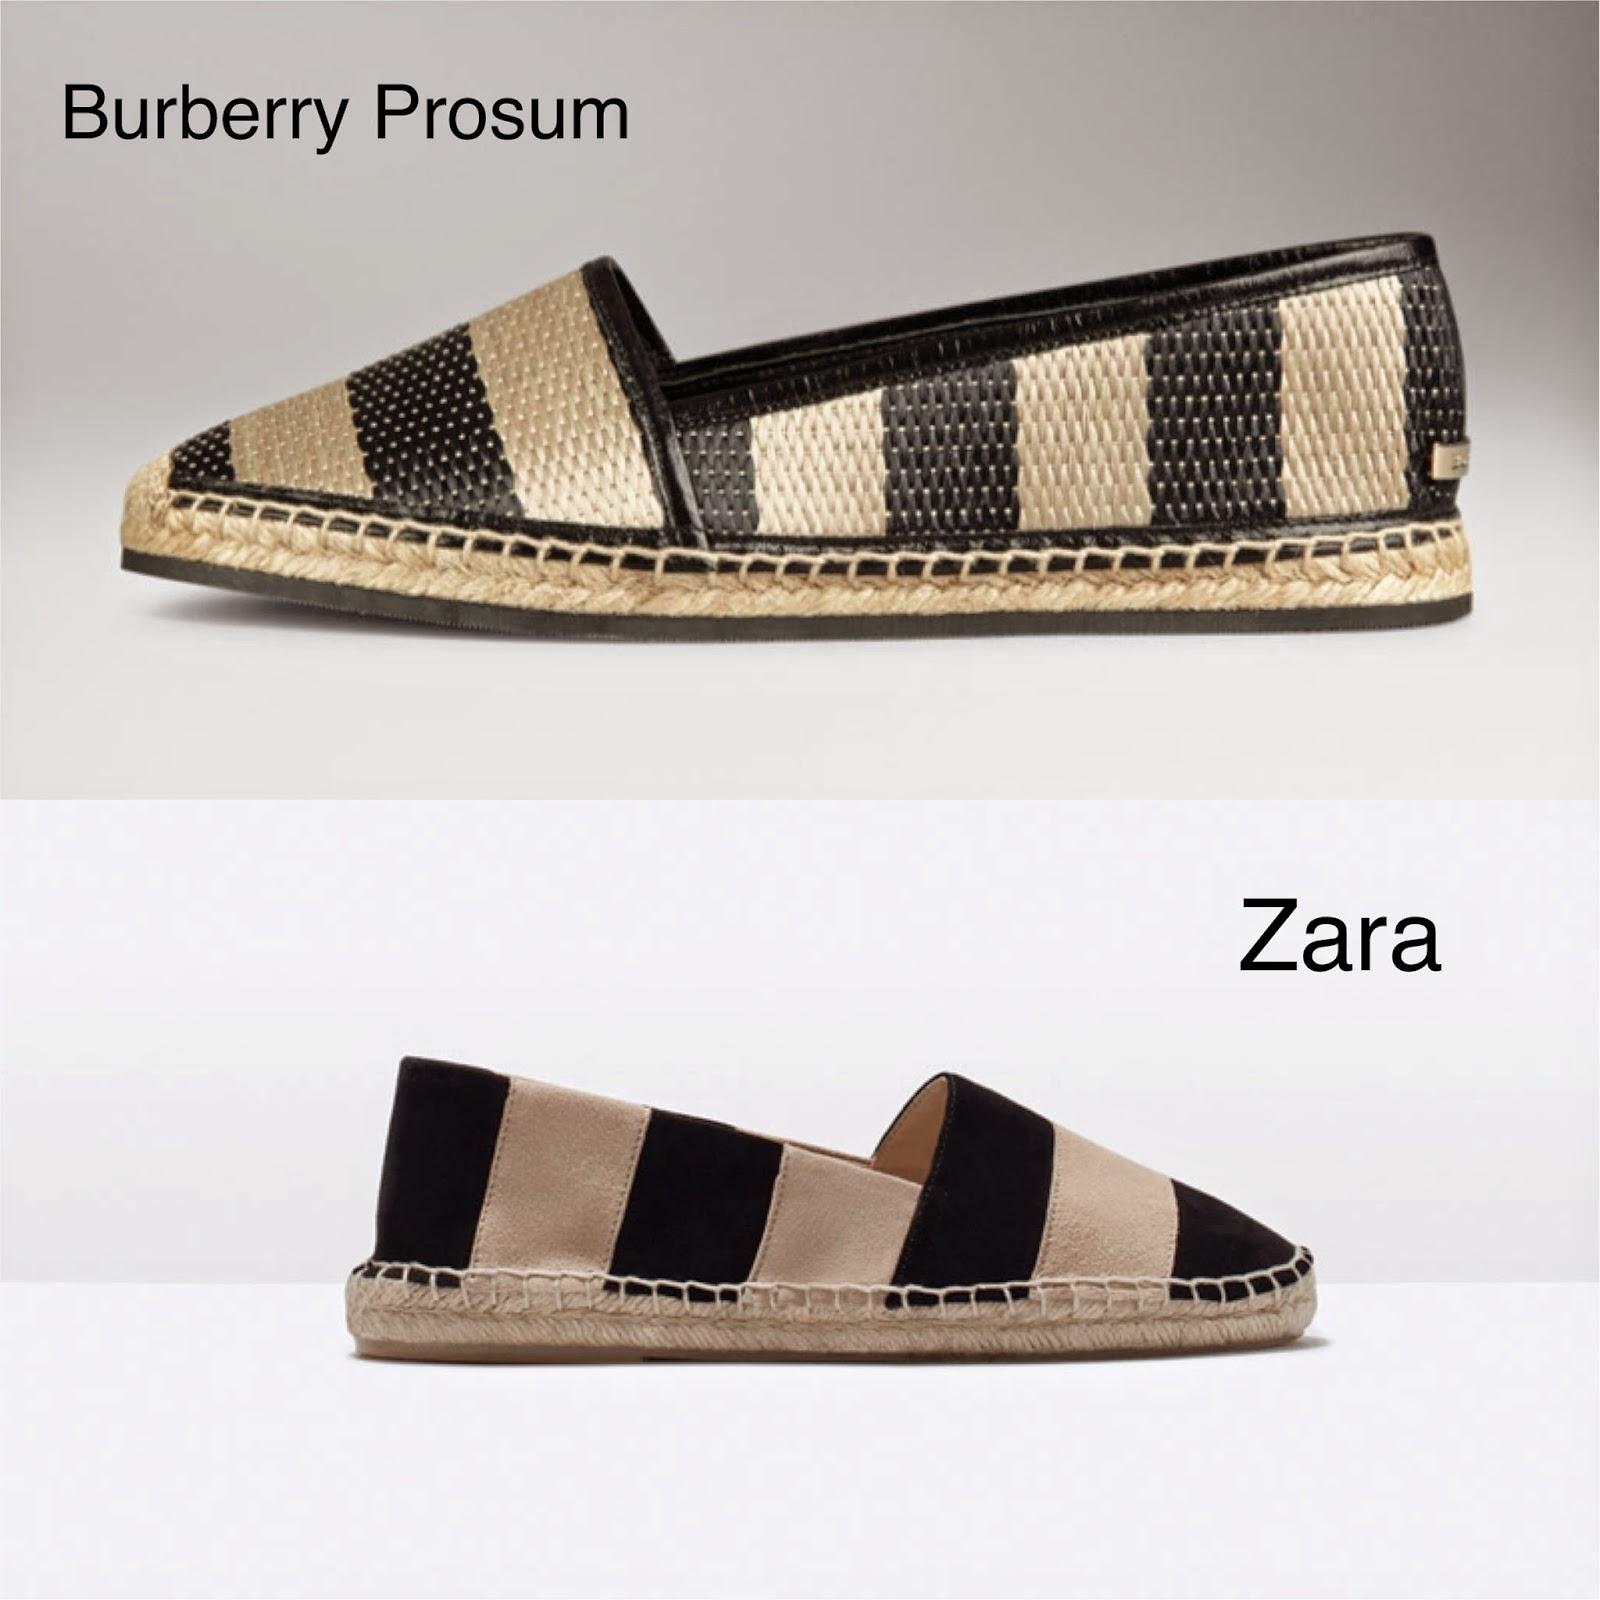 Llega el buen tiempo y las alpargatas a nuestro armario, en Zara tenéis este clon de Burberry Prosum.